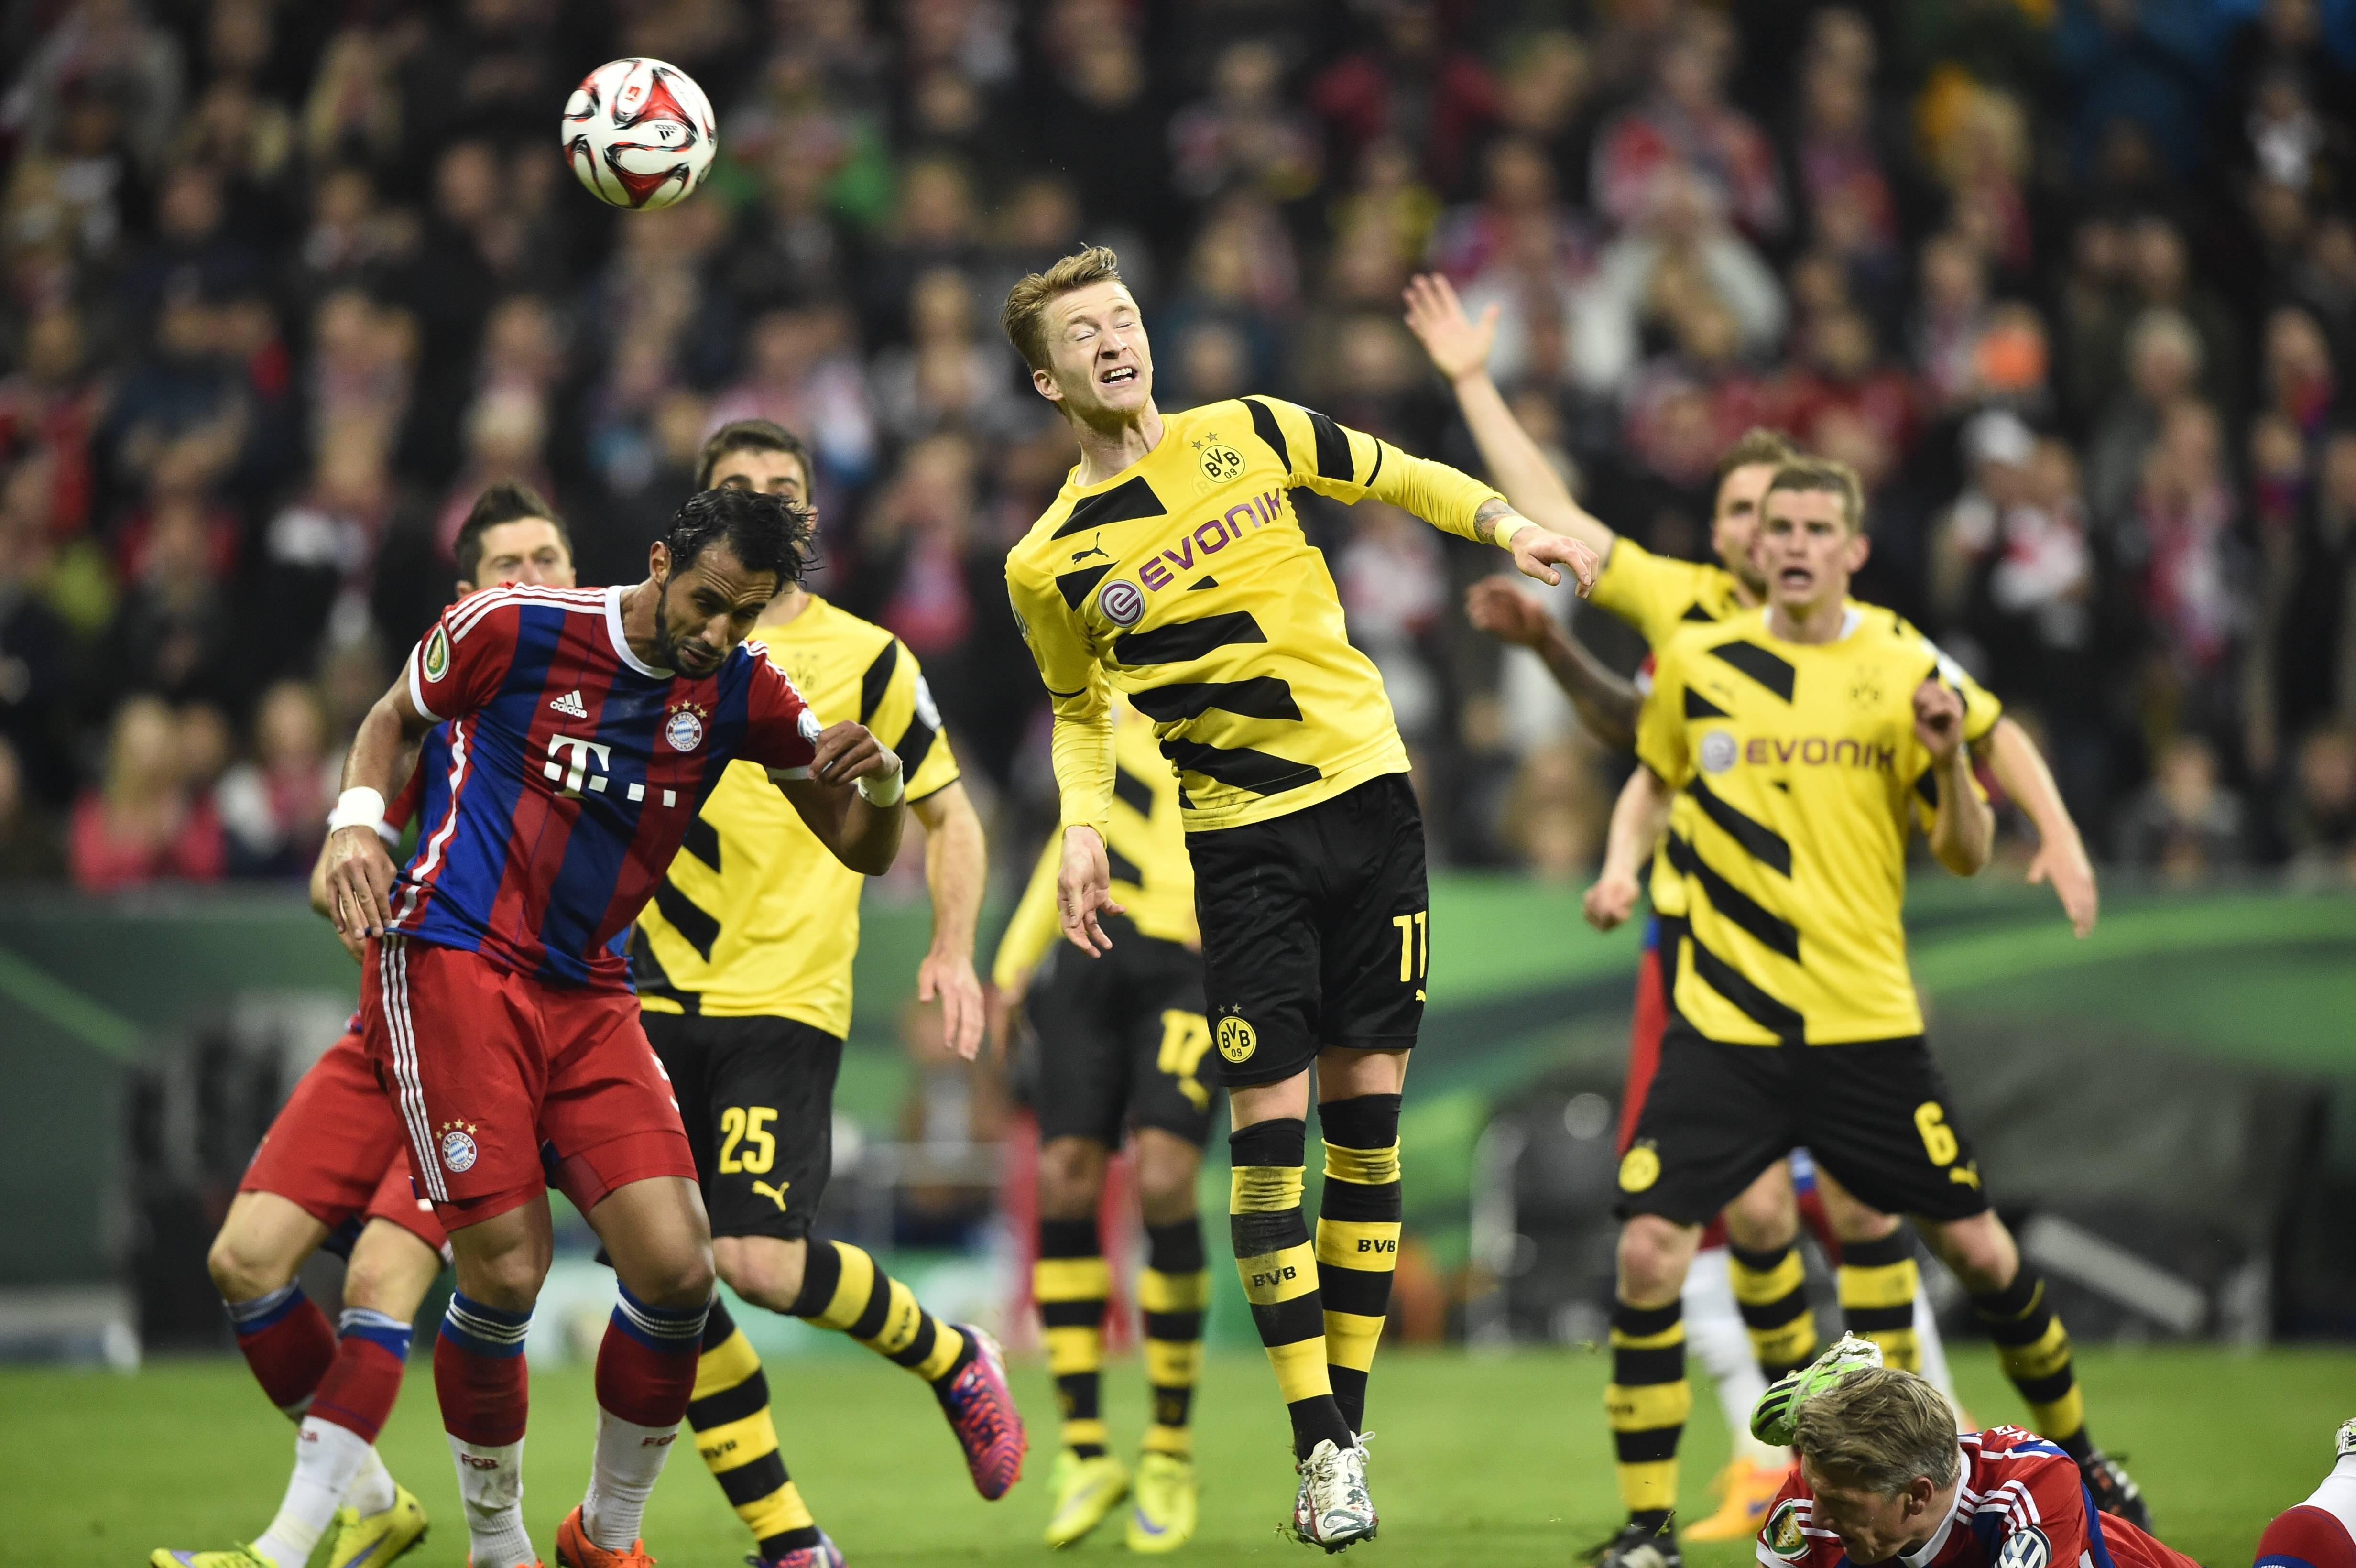 Чемпионат Германии: Боруссия Дортмунд — Бавария